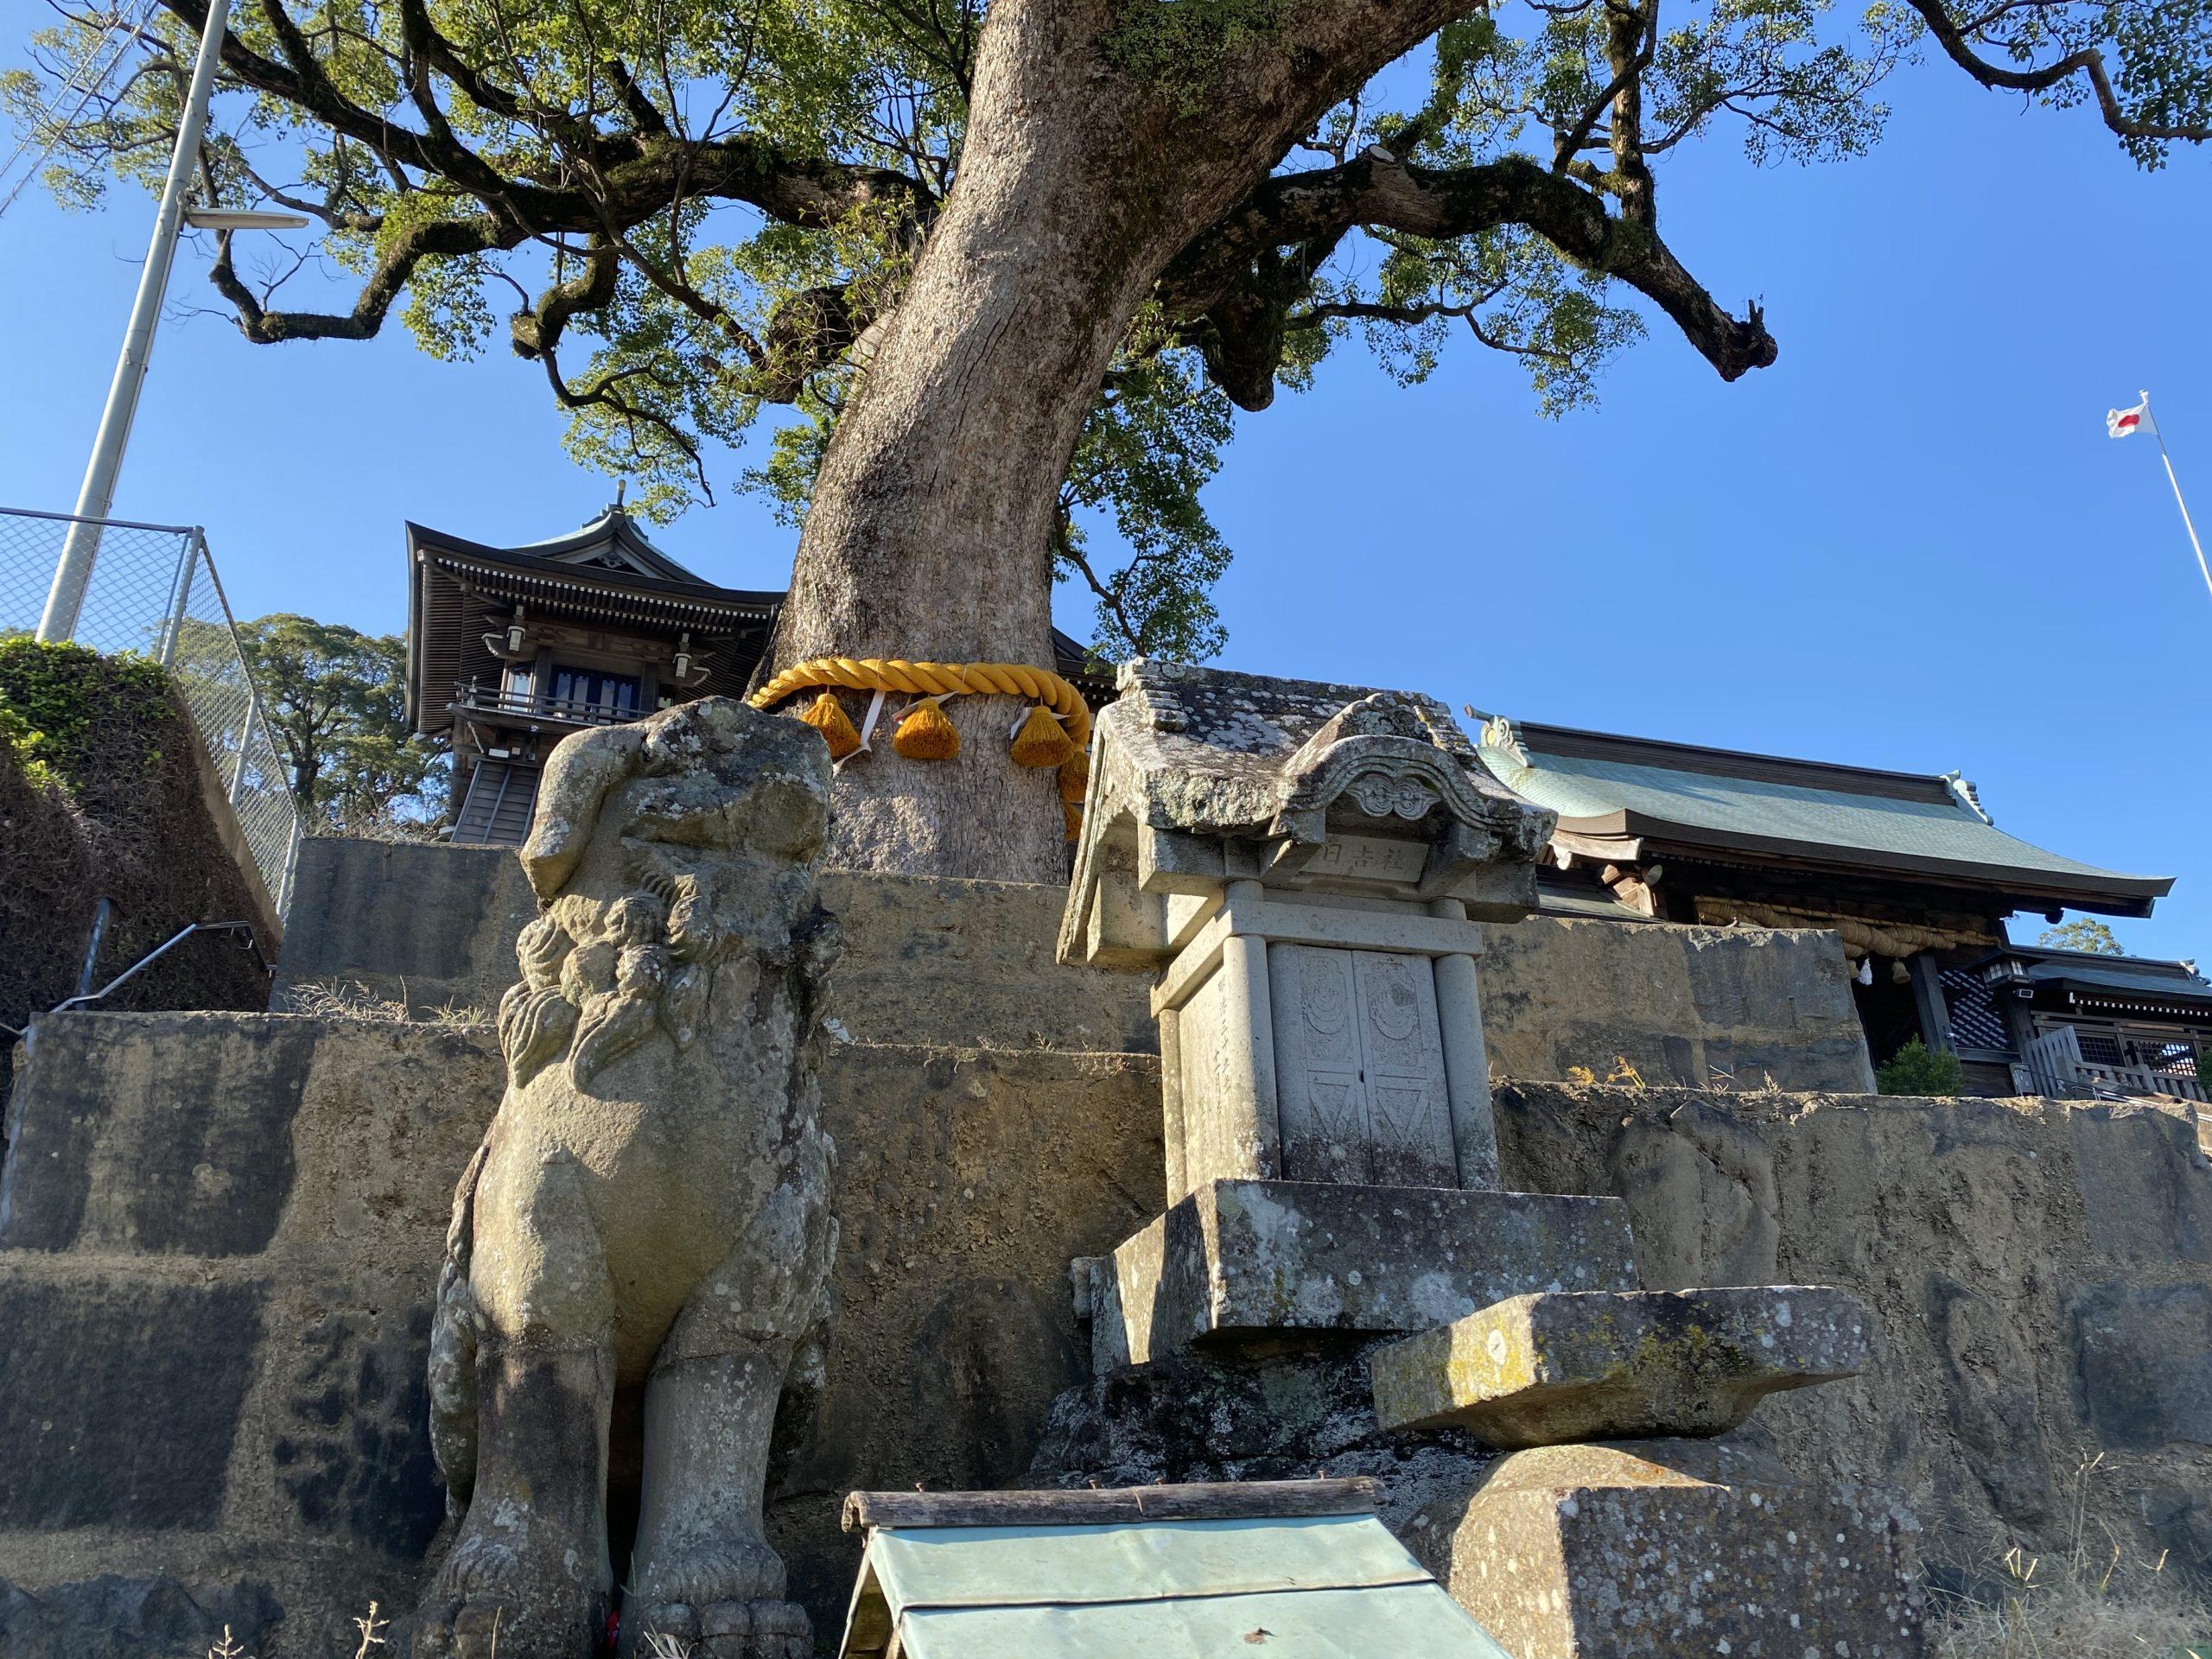 諏訪神社のご神木と狛犬